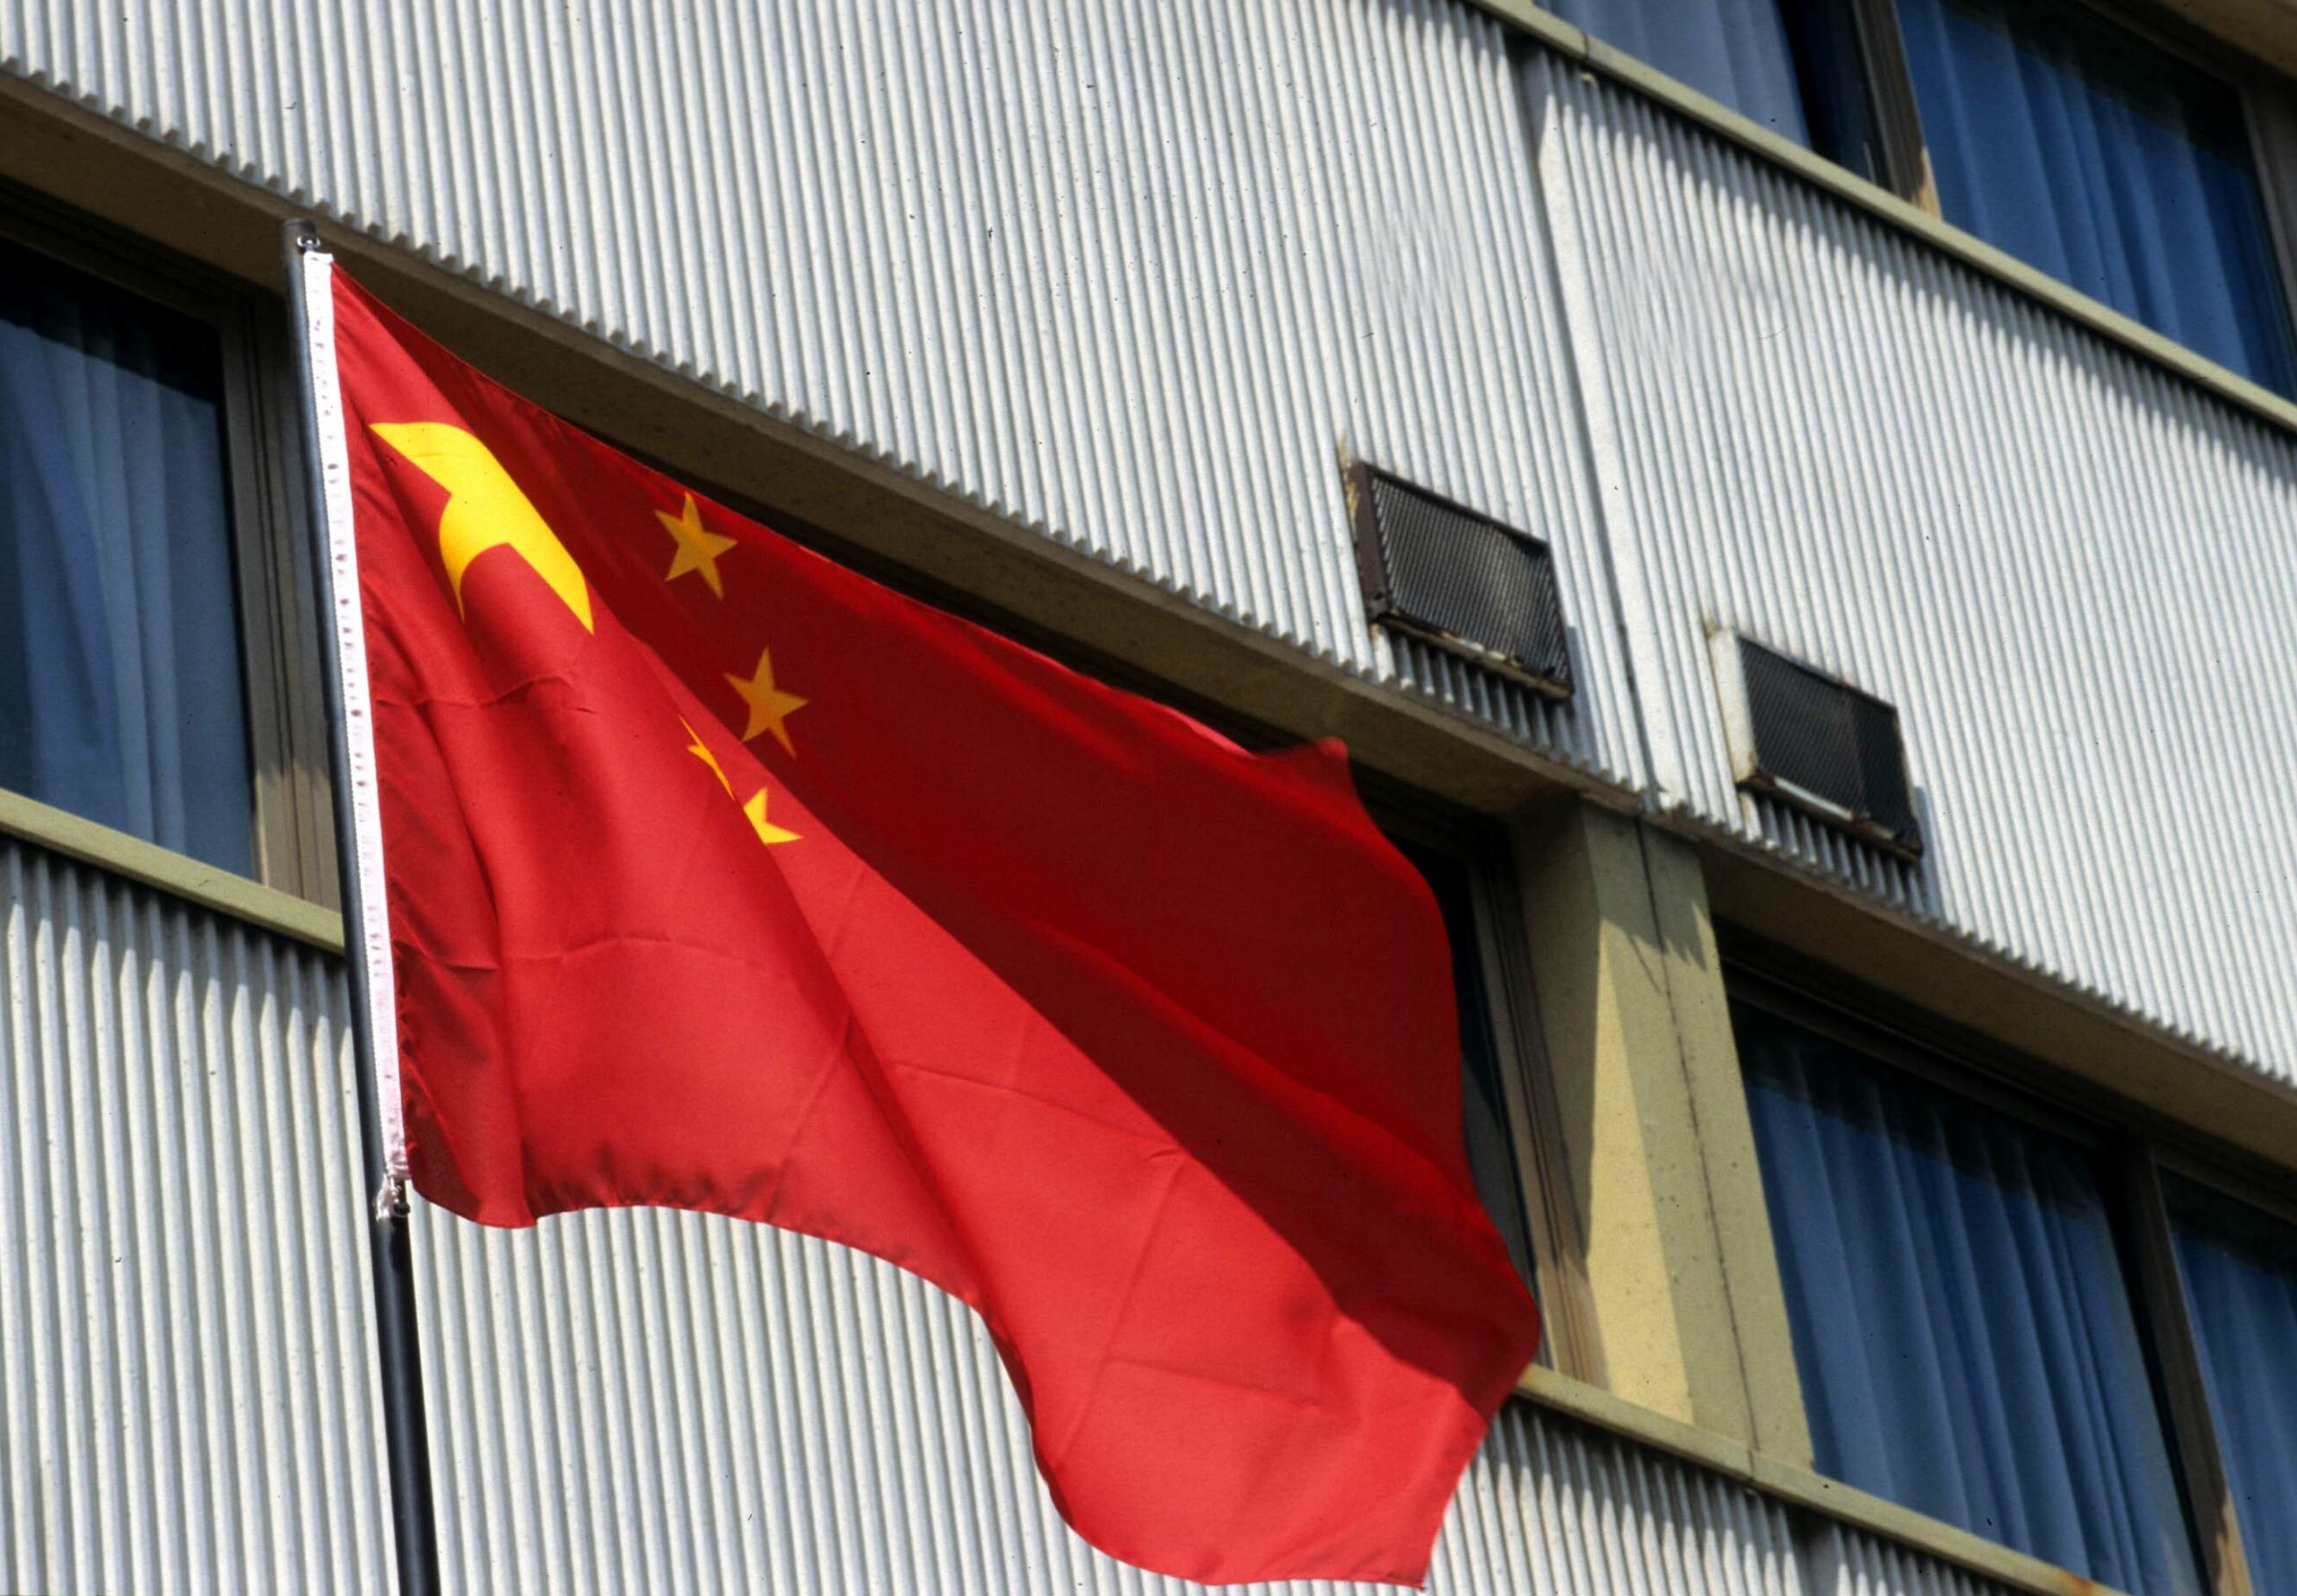 Cina: PIL+4% mentre l'Occidente crolla. Chiara o no la pandemia? Italia: serve l'anno fiscale 'bianco'